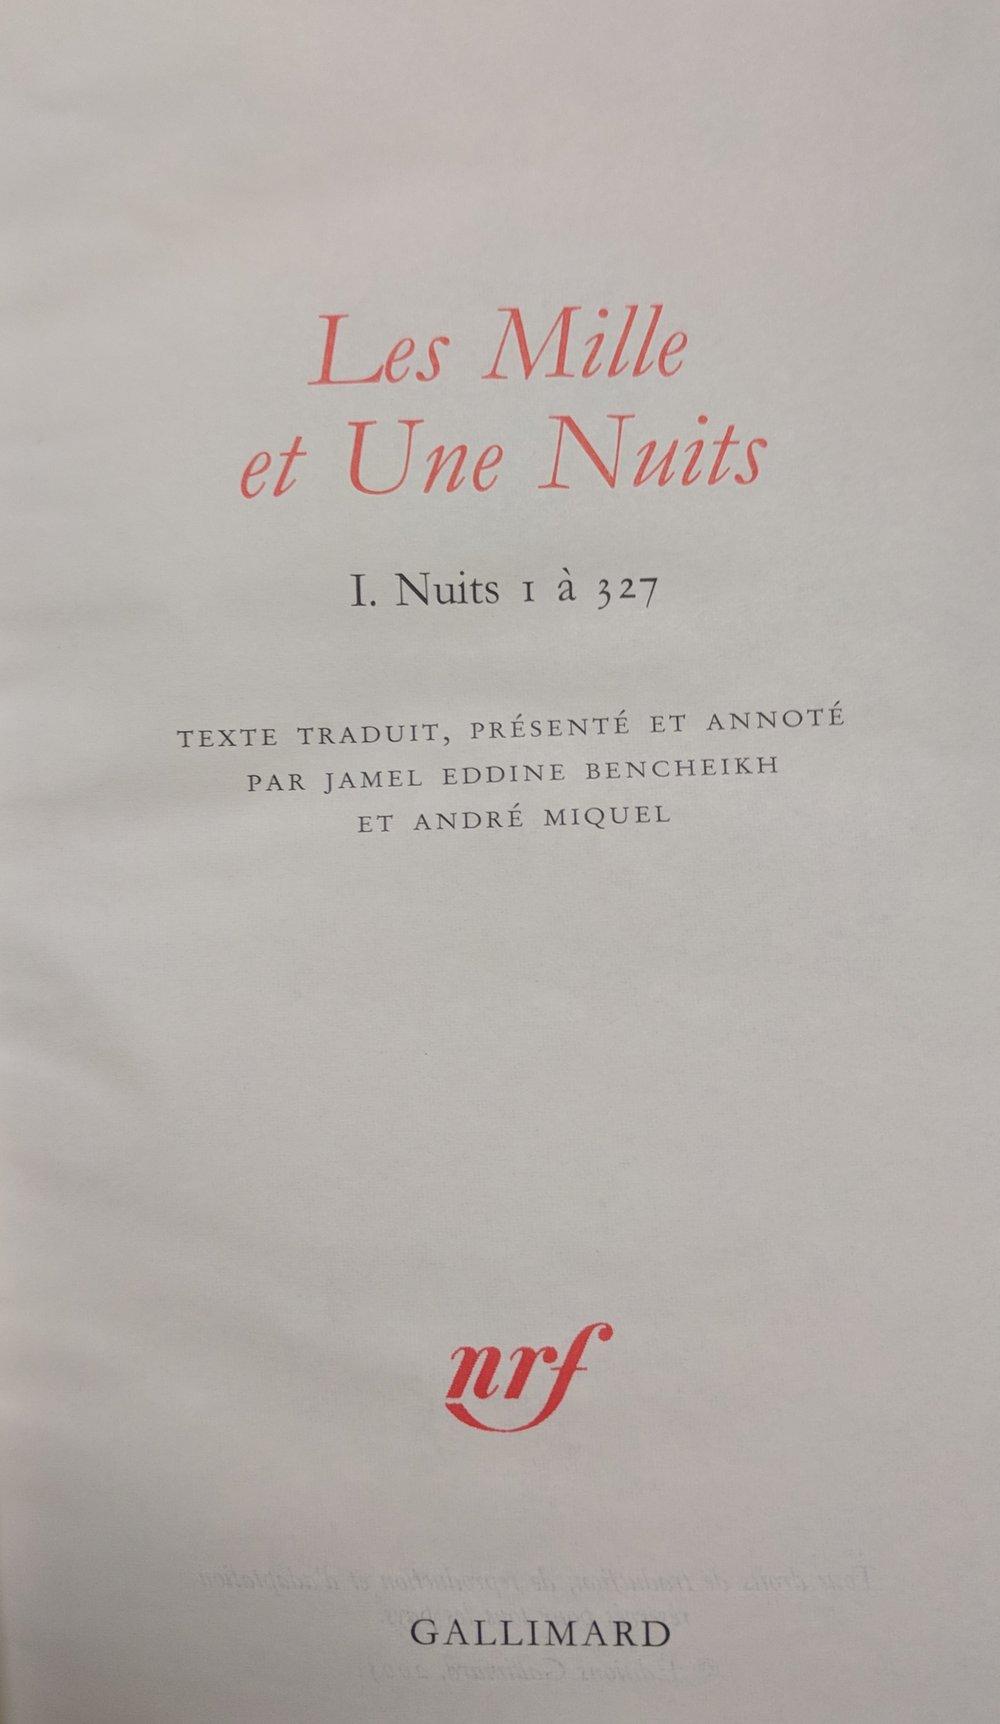 Les mille et une nuits , texte traduit, présenté et annoté par Jamel Eddine Bencheikh et André Miquel (Paris: Gallimard, 2005-2006)